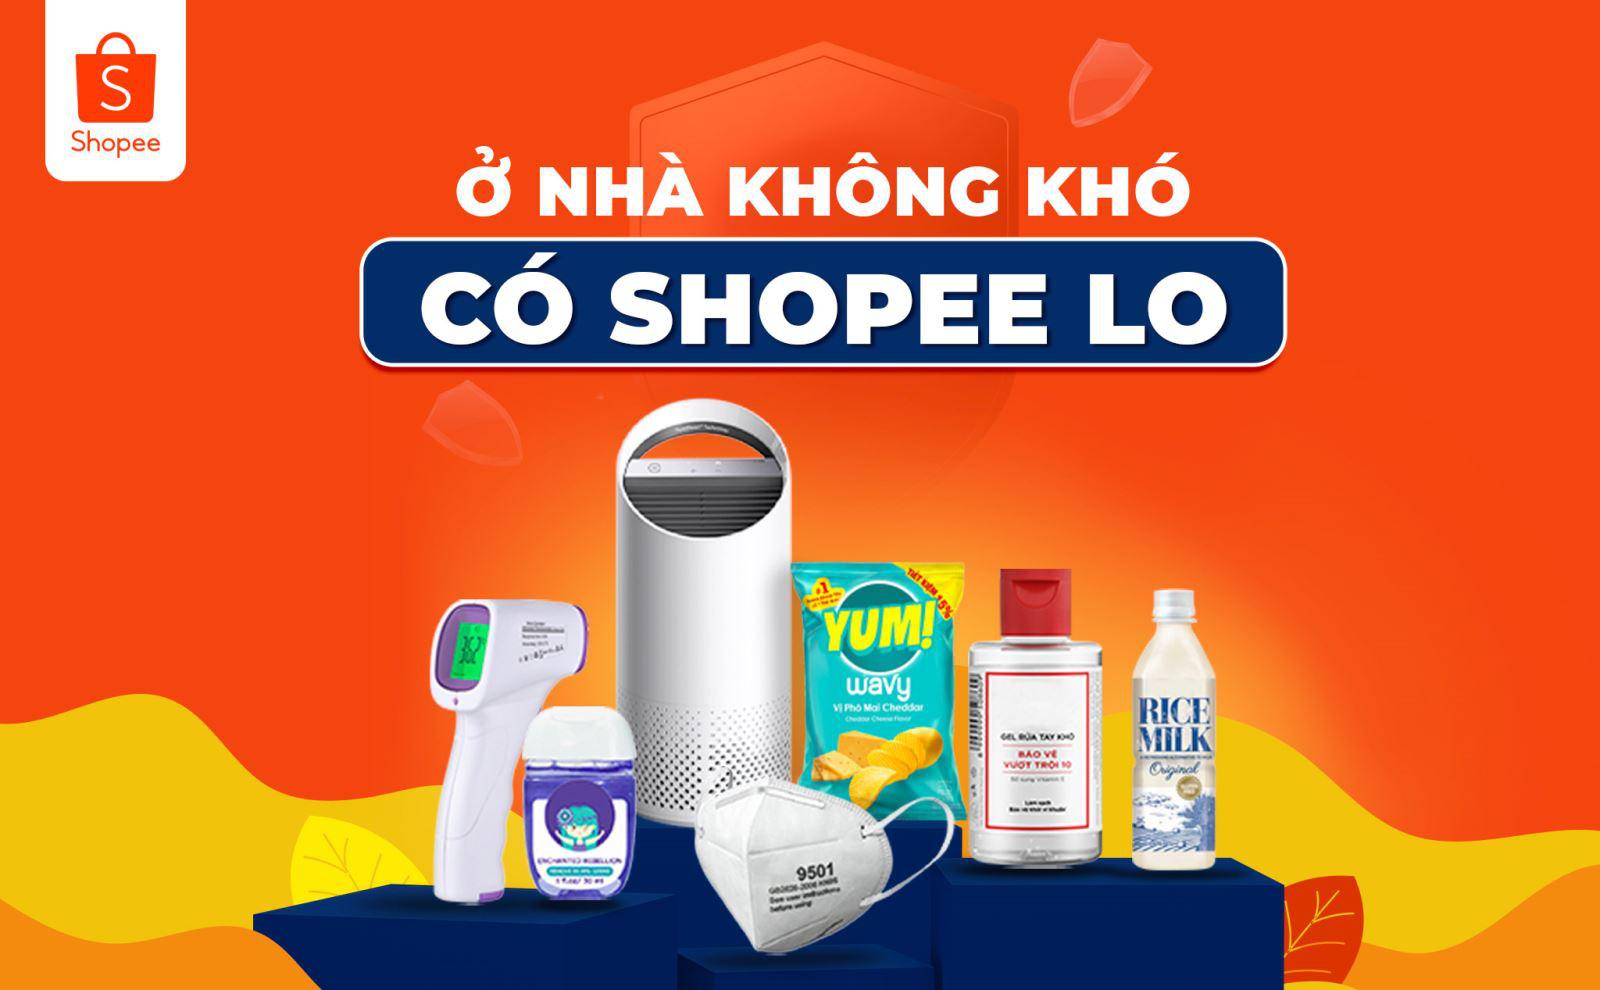 Livestream: Xu hướng thu hút khách hàng mới của các sàn thương mại điện tử tại thị trường Việt - Ảnh 1.